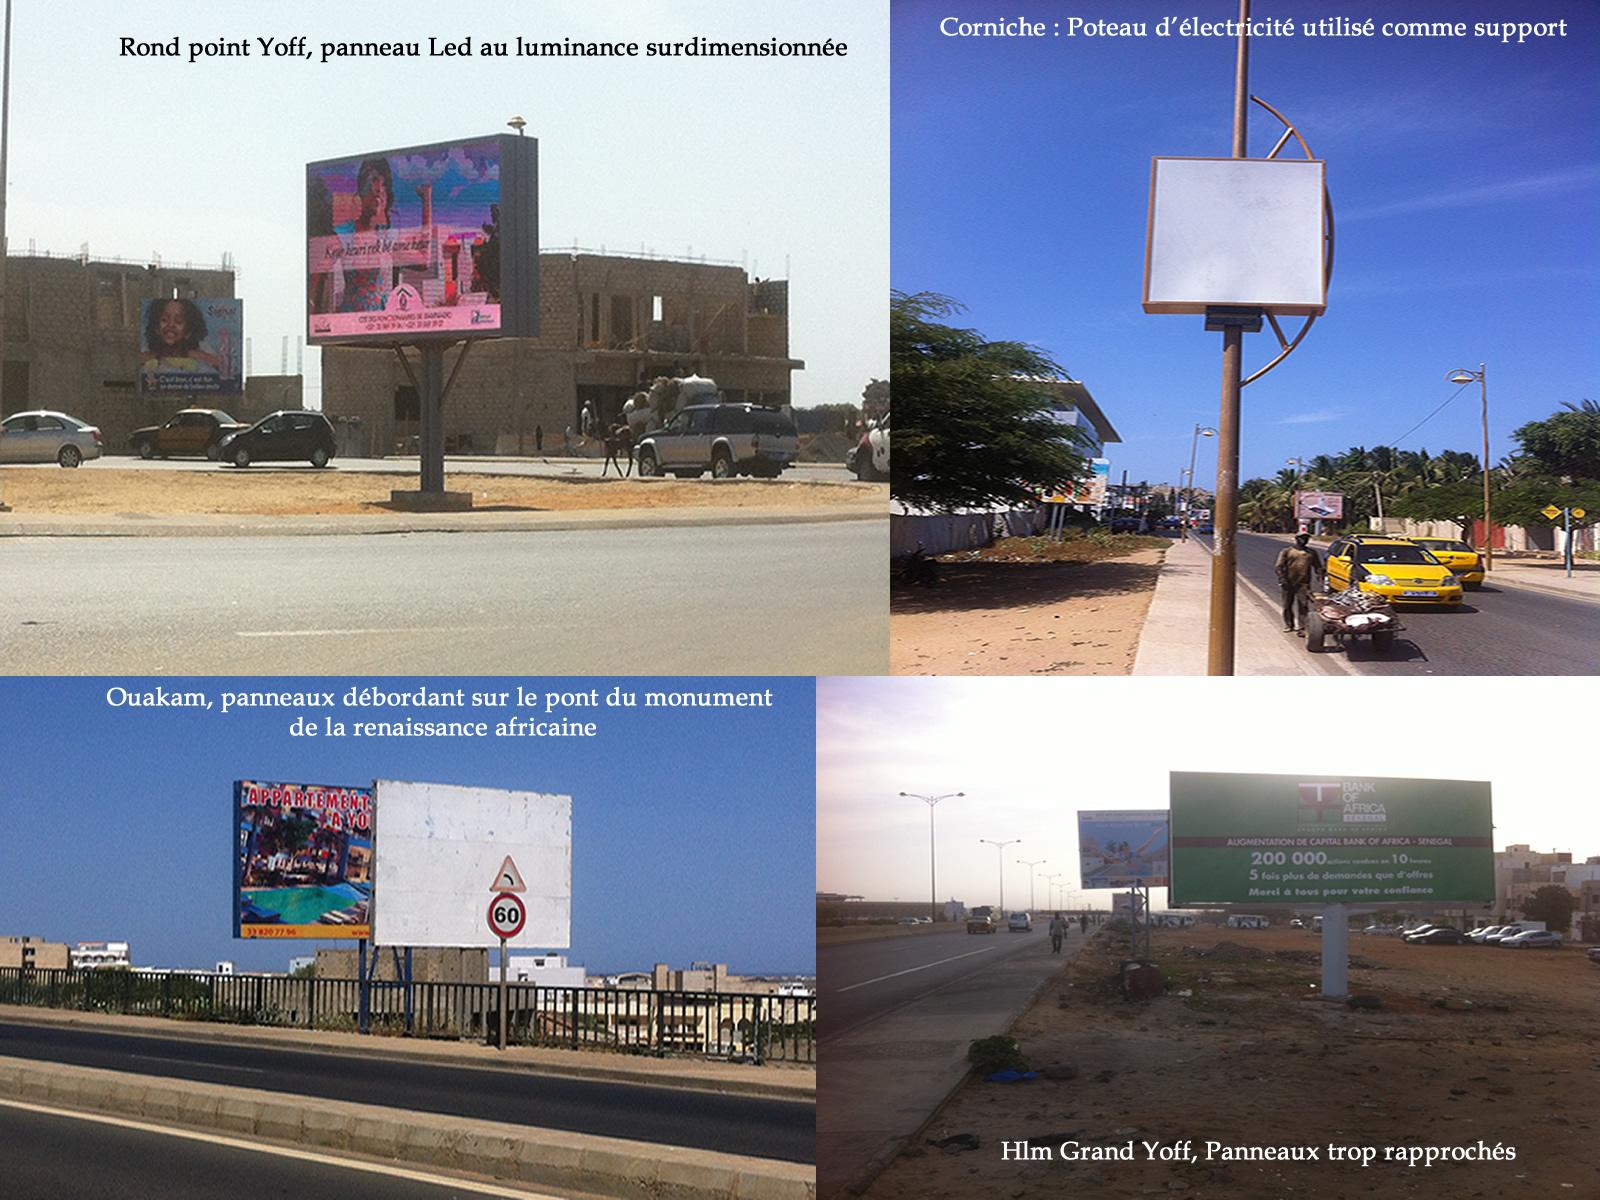 01COM GROUPE - Location de 100 panneaux publicitaires partout à Dakar